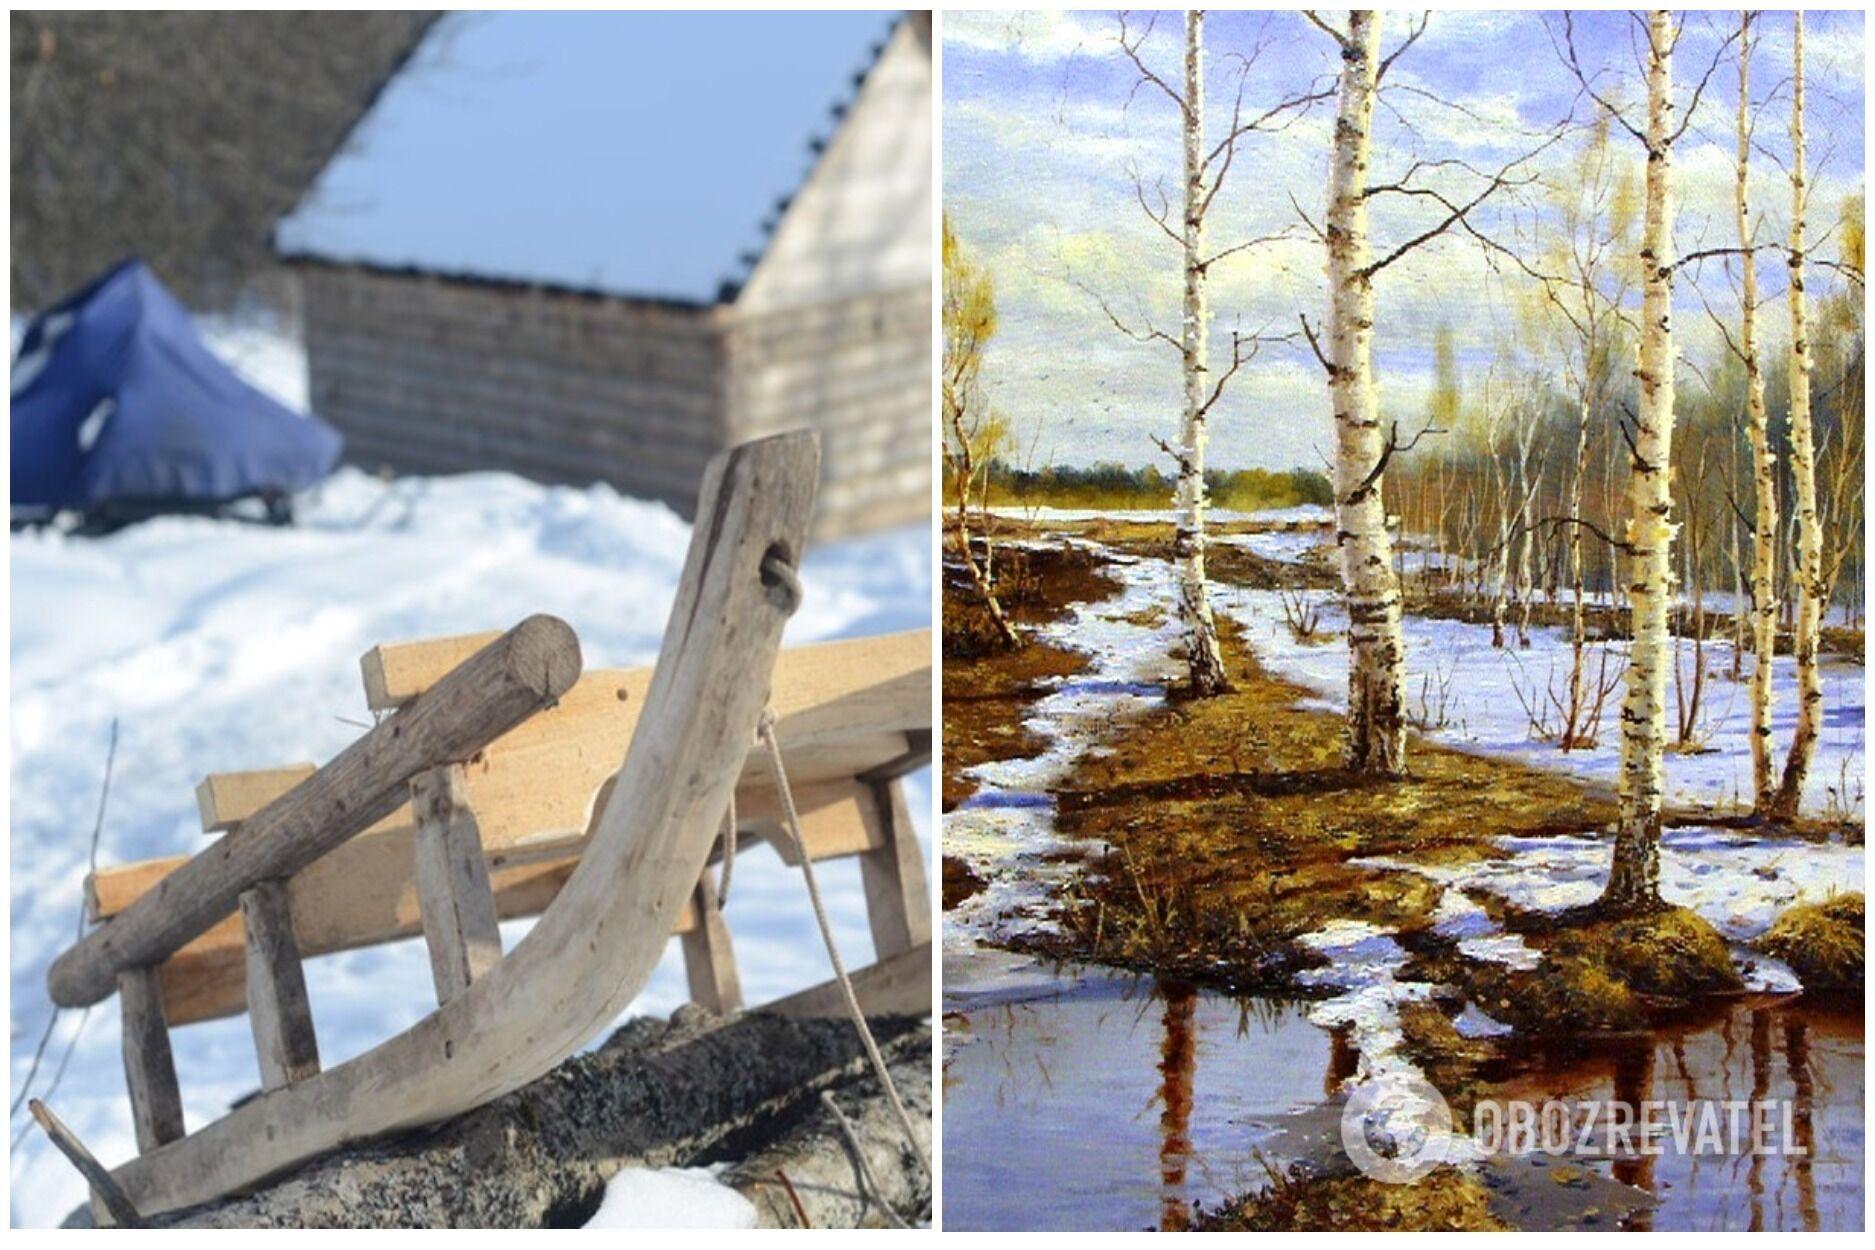 Считалось, что 3 апреля – последняя возможность прокатиться на санках по тающему снегу